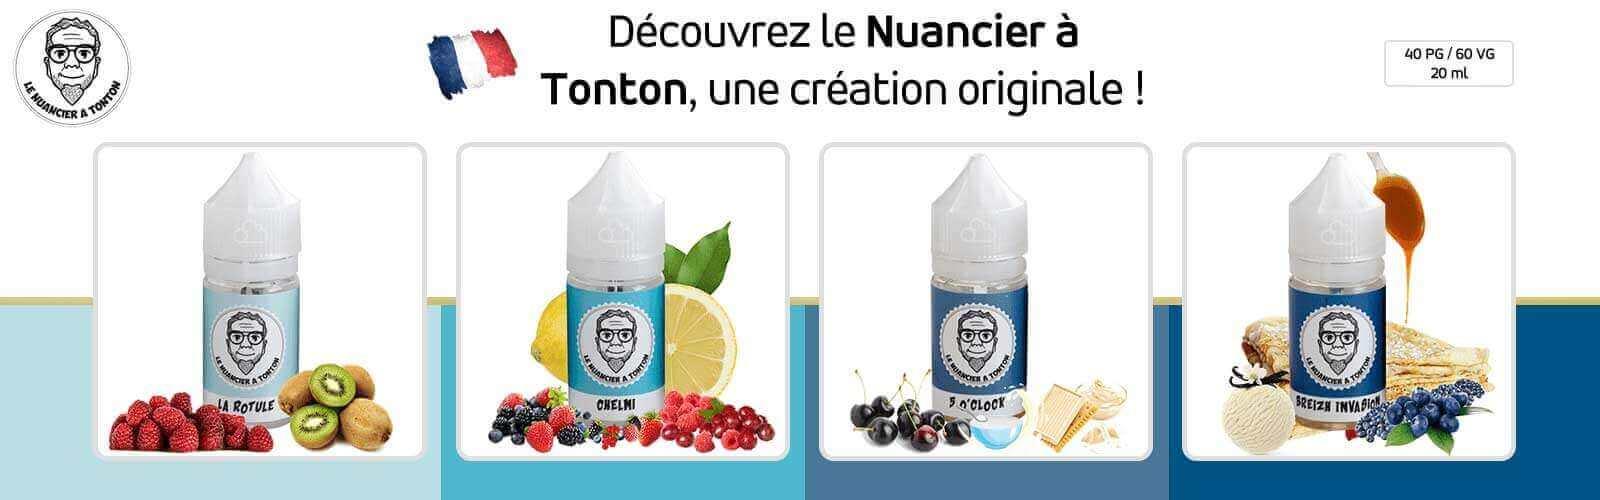 Le nuancier à tonton, une gamme de e-liquides originaux